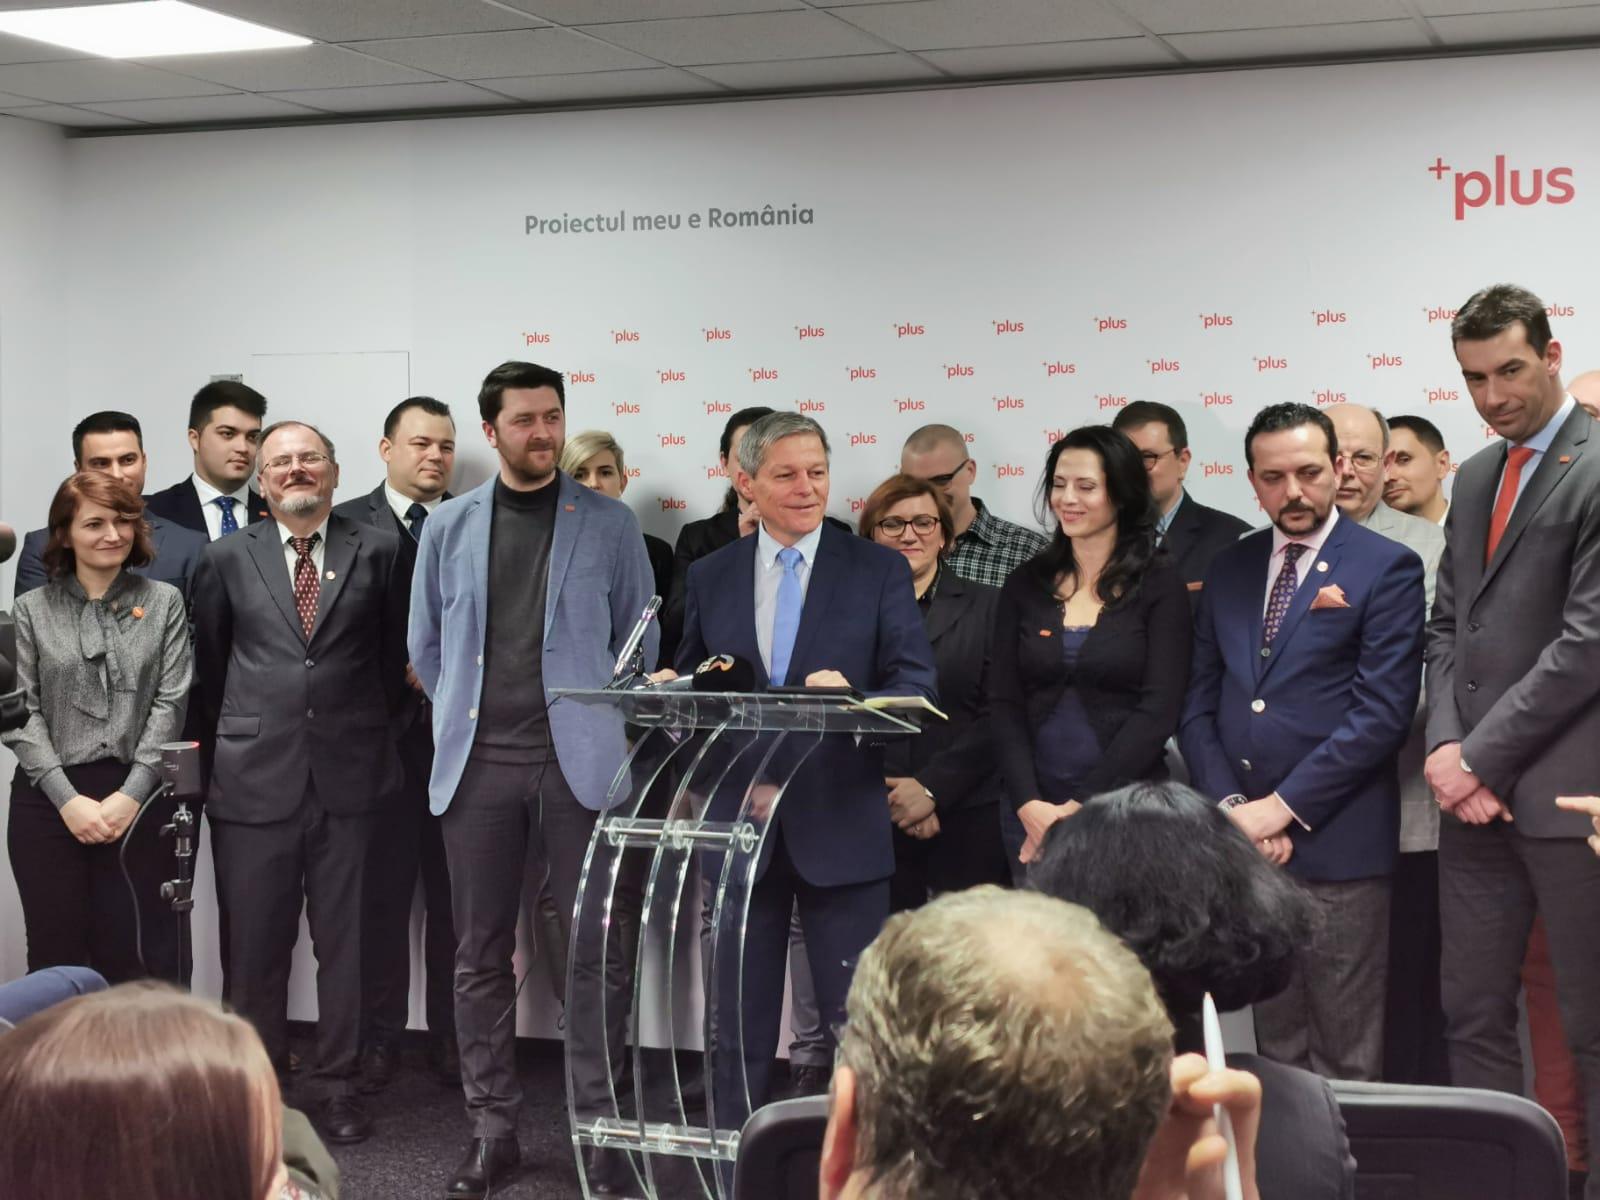 PLUS şi-a desemnat candidaţii pentru Primaria Iasi şi Consiliul Judeţean: Liviu Iolu si Daniel Şandru